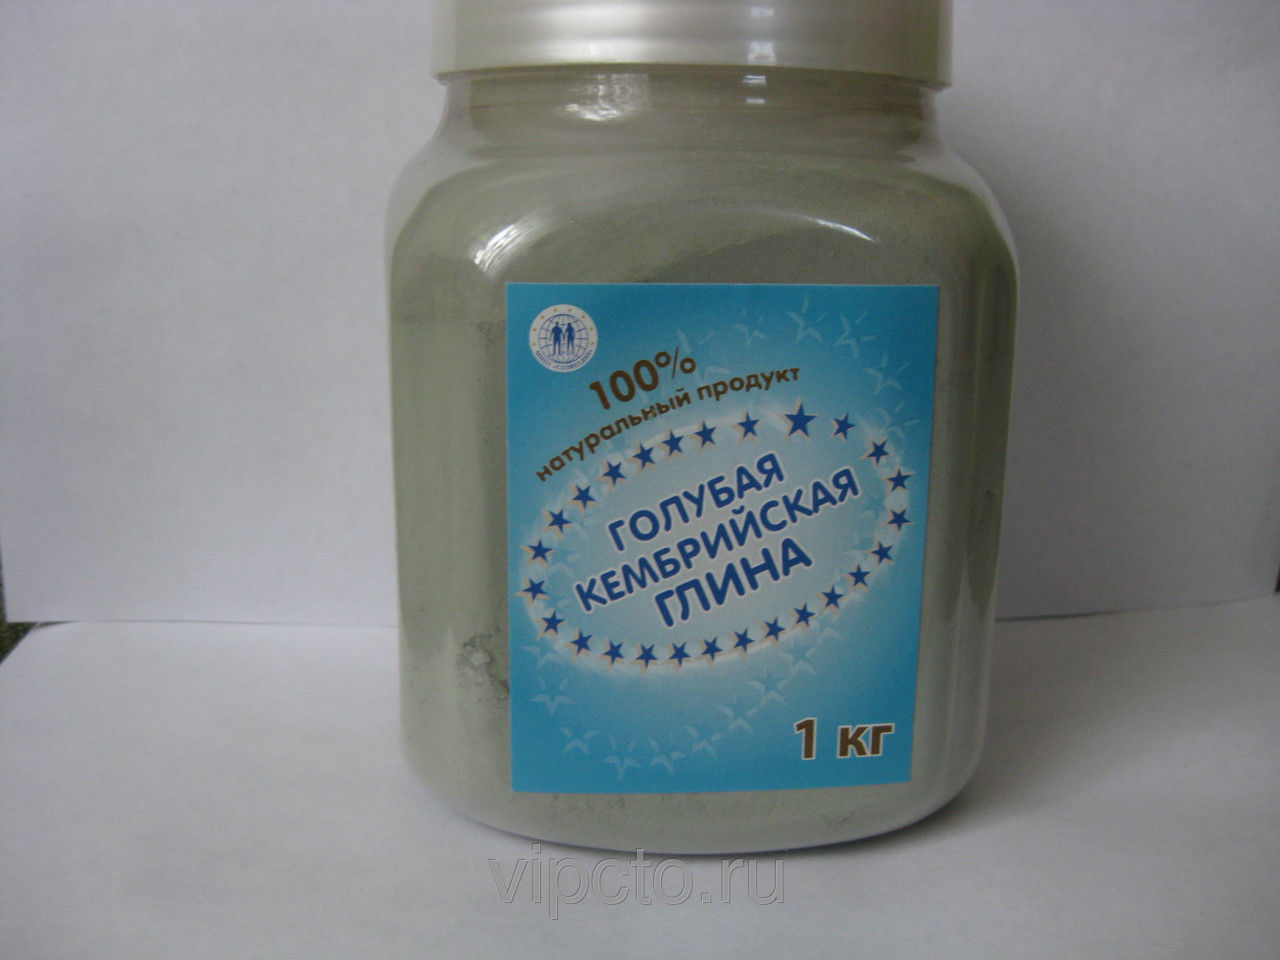 Продам Глина кембрийская голубая - очищение